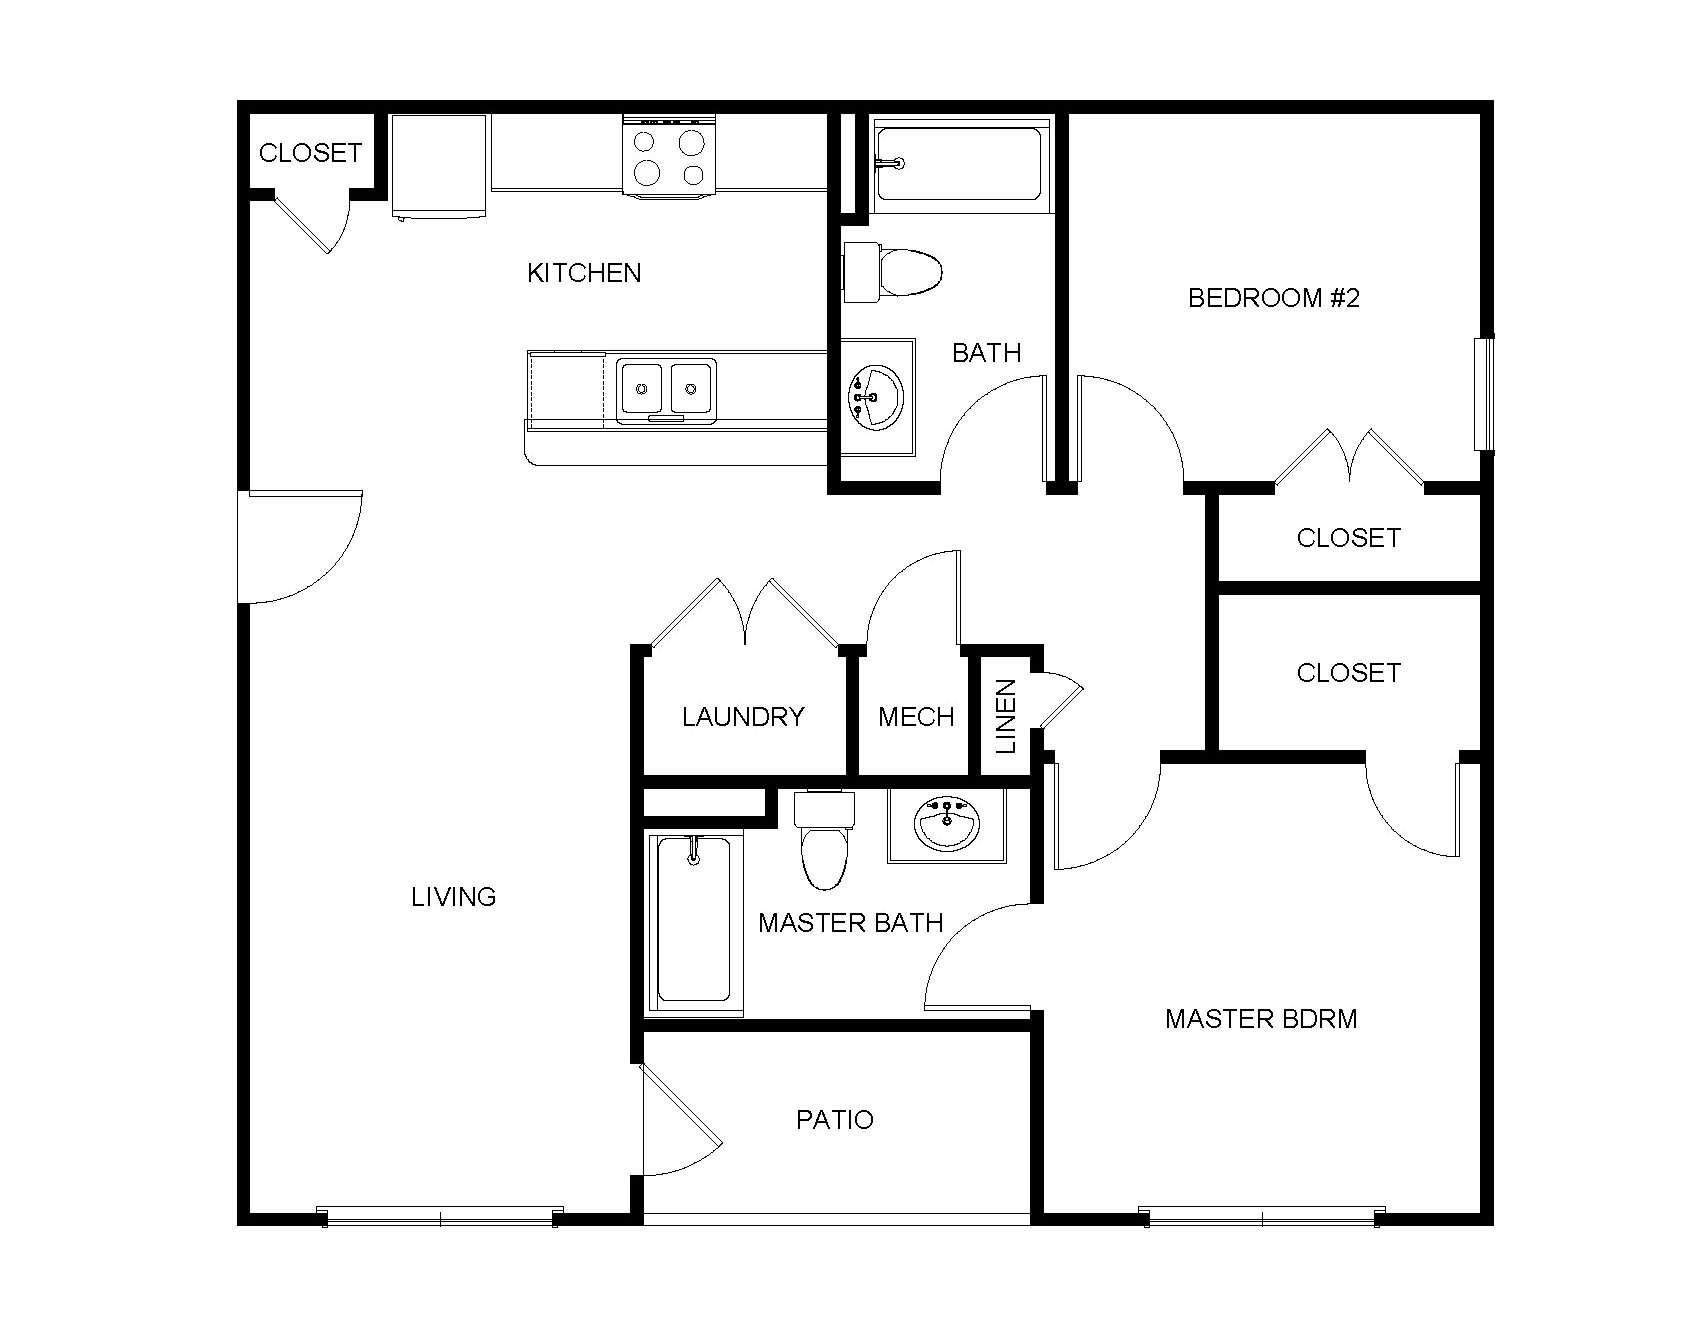 2 Bedroom, 2 Bathroom - B